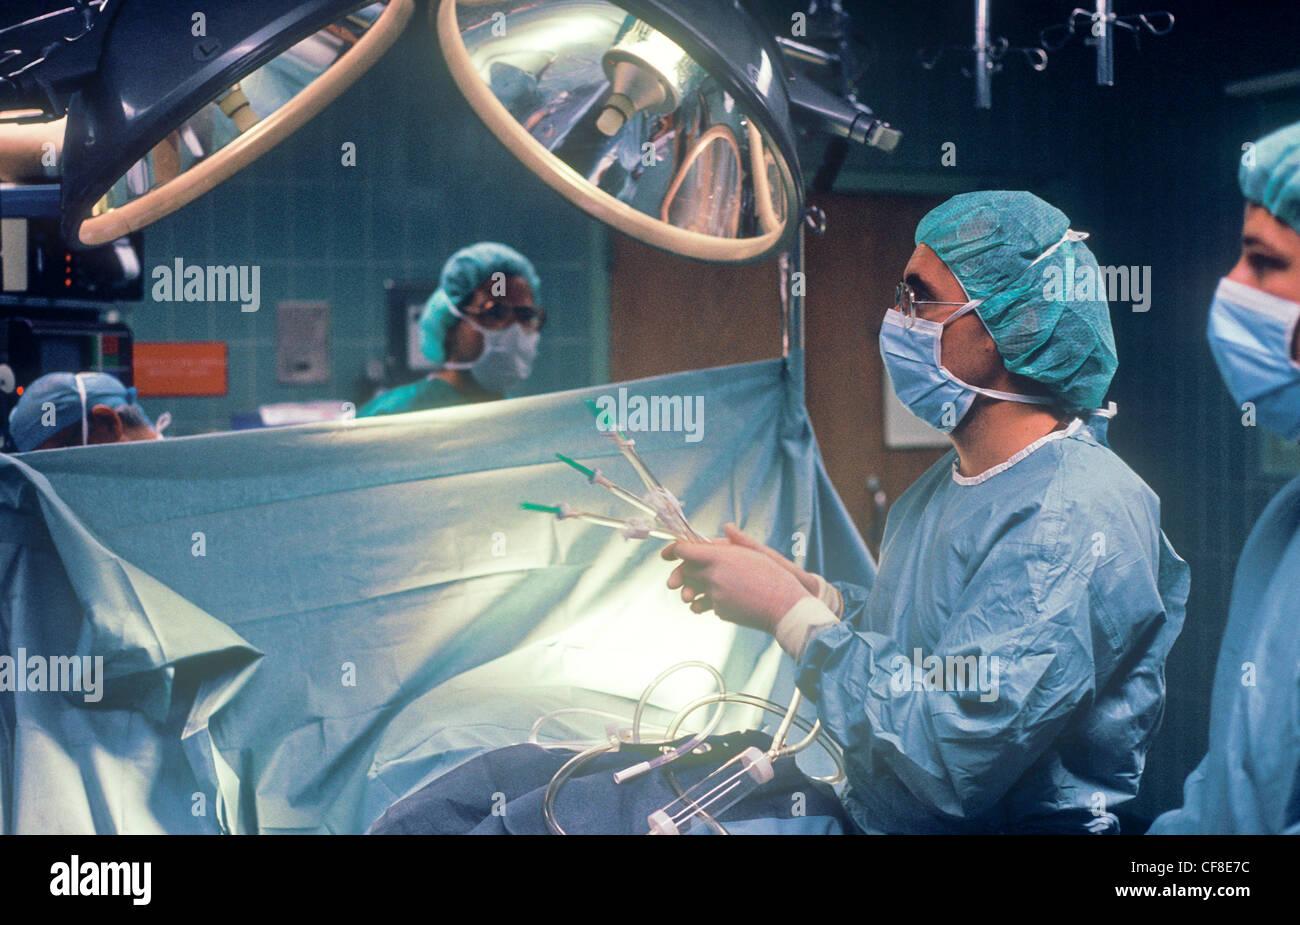 Un chirurgien d'effectuer la chirurgie sur un patient dans la salle d'opération. Banque D'Images